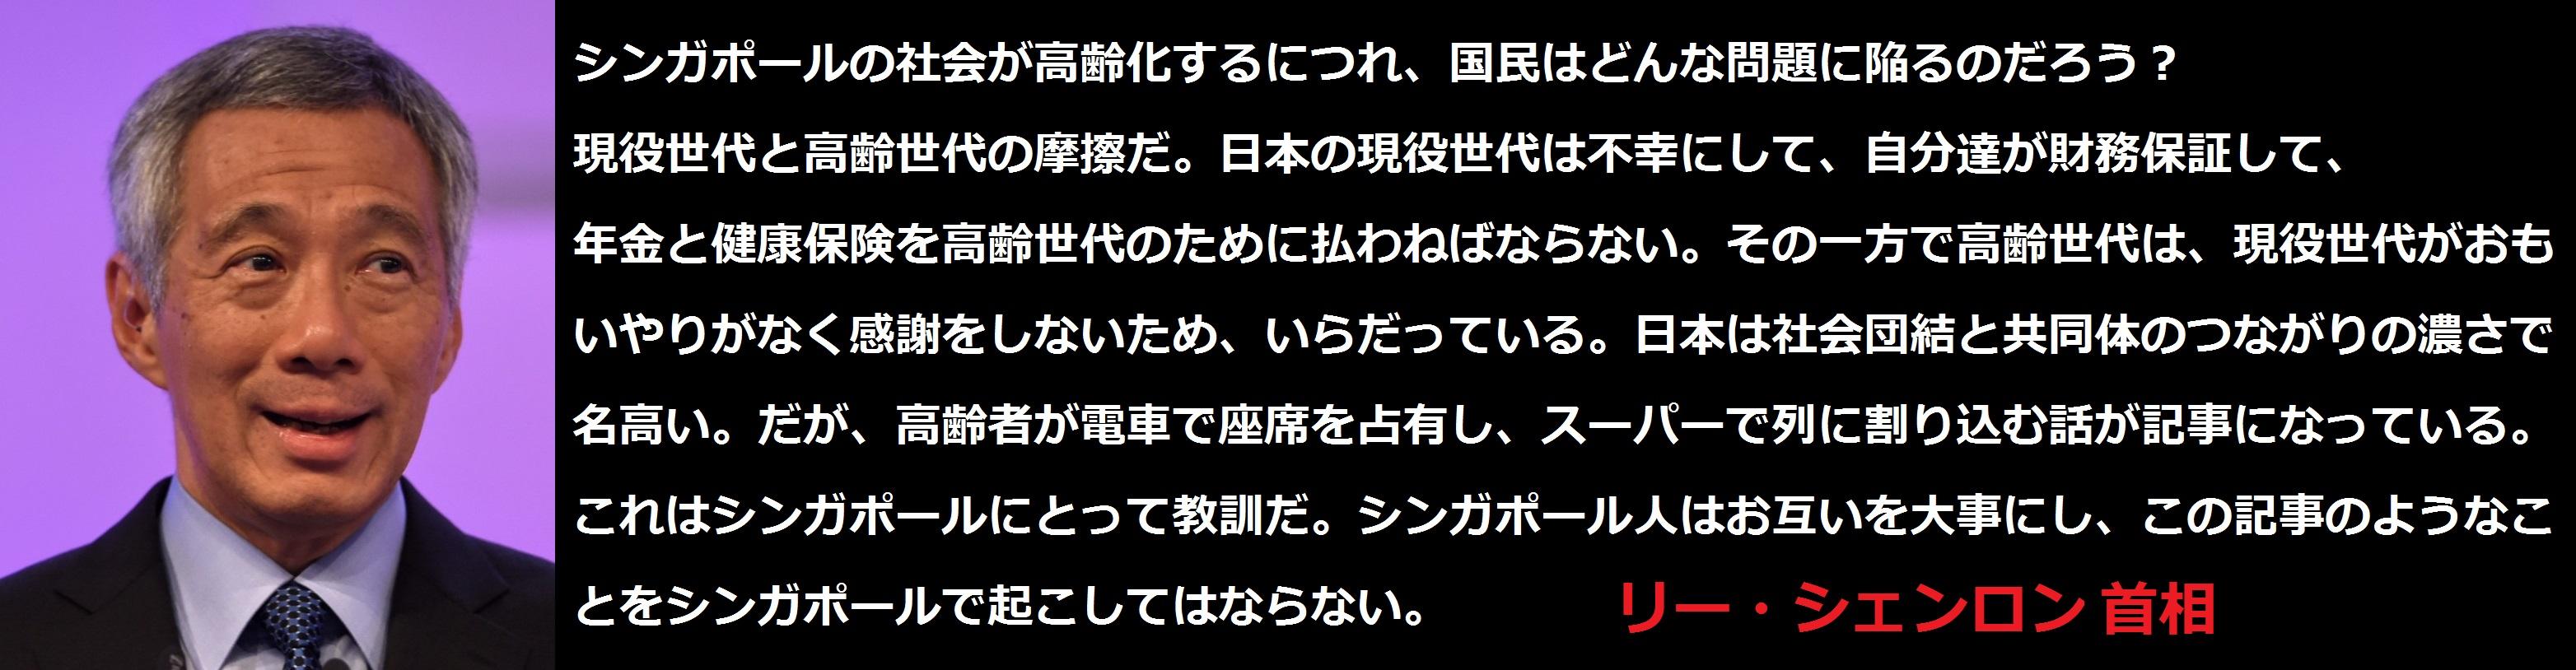 f:id:JAPbuster:20161006040342j:plain